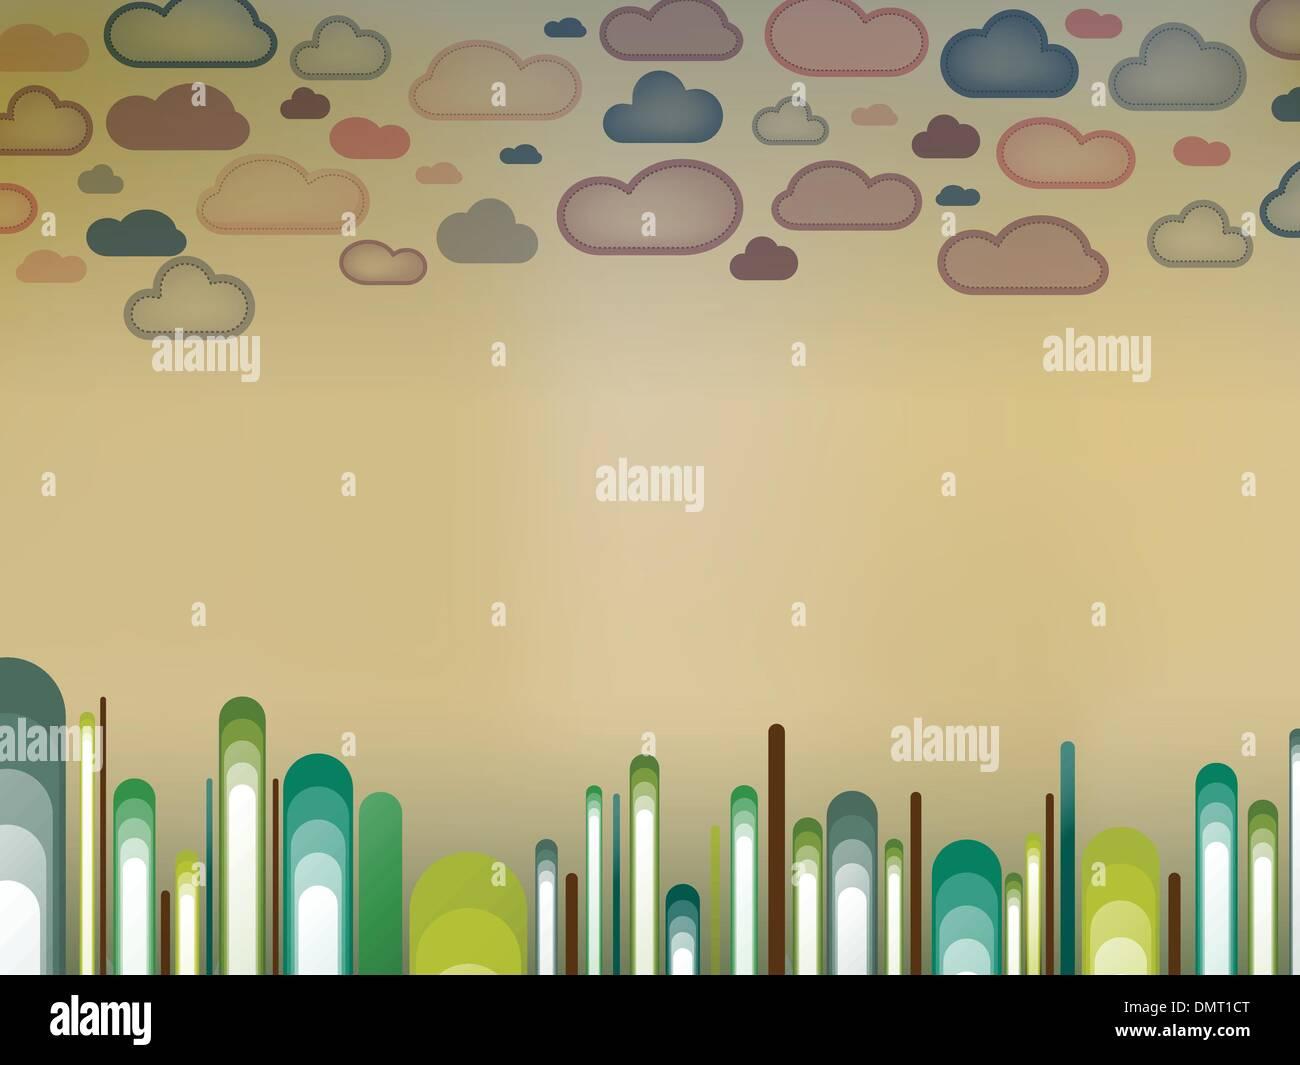 Retrò paesaggio con alberi e nuvole Immagini Stock